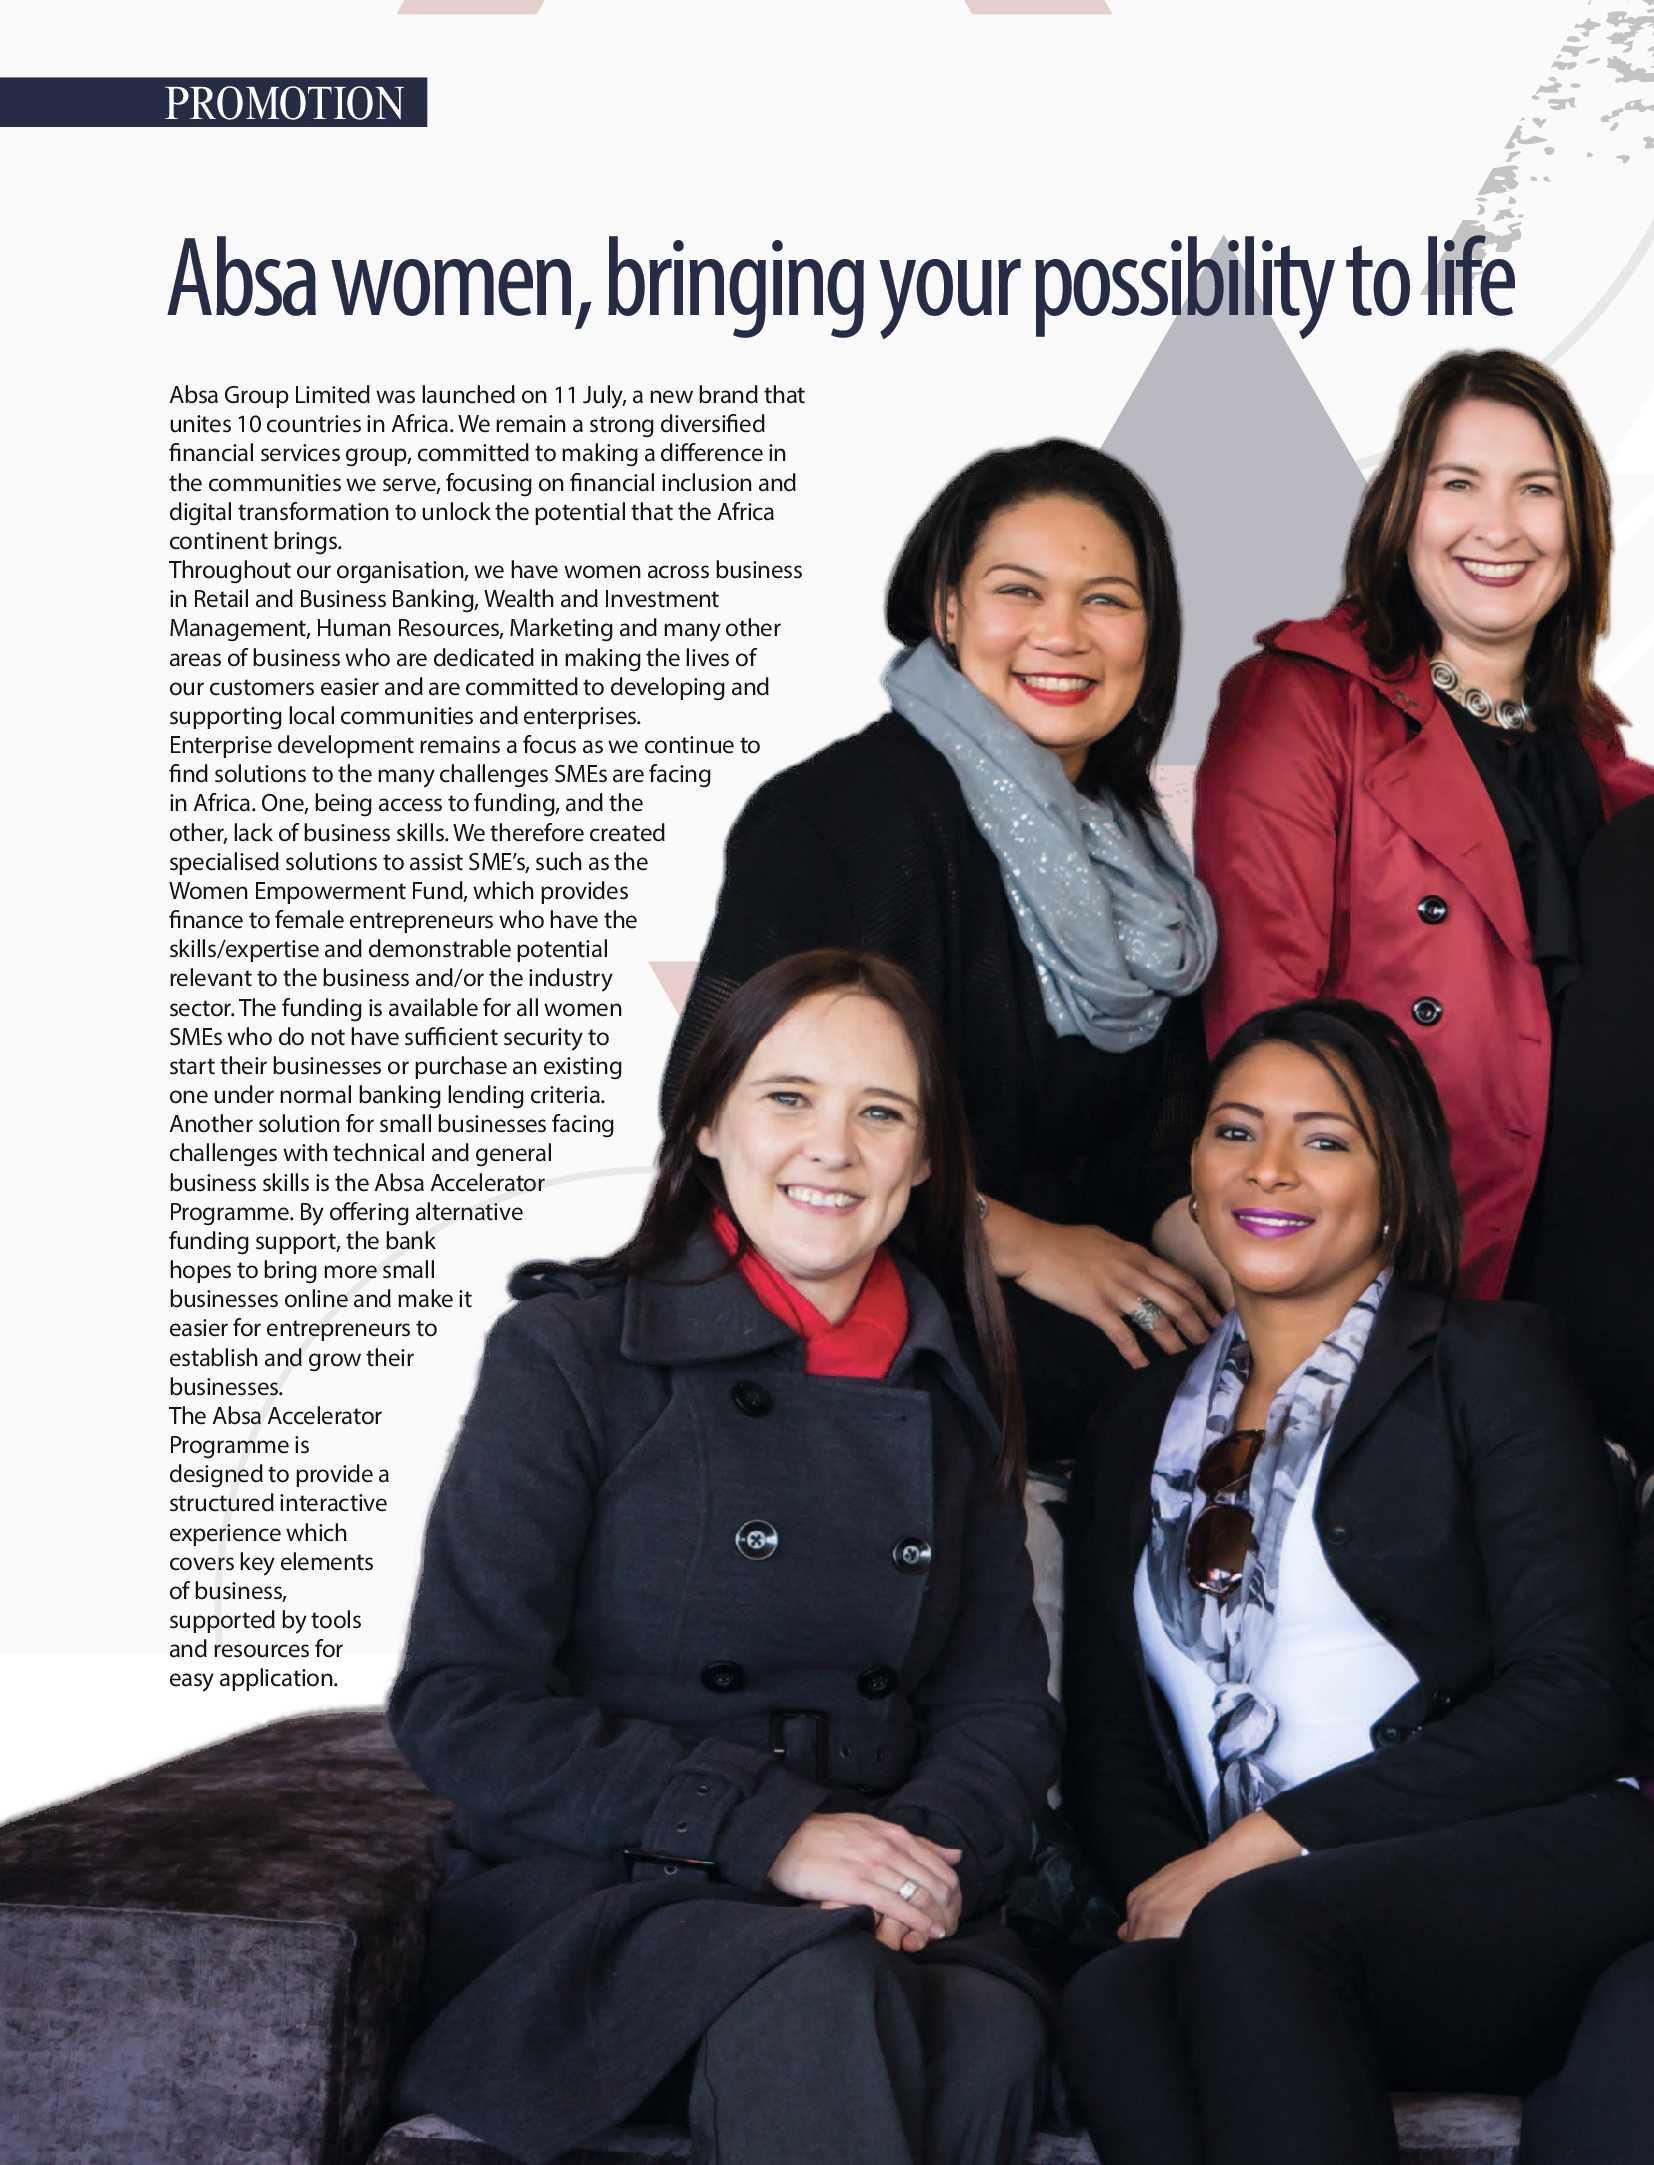 get-bloemfontein-august-2018-epapers-page-54